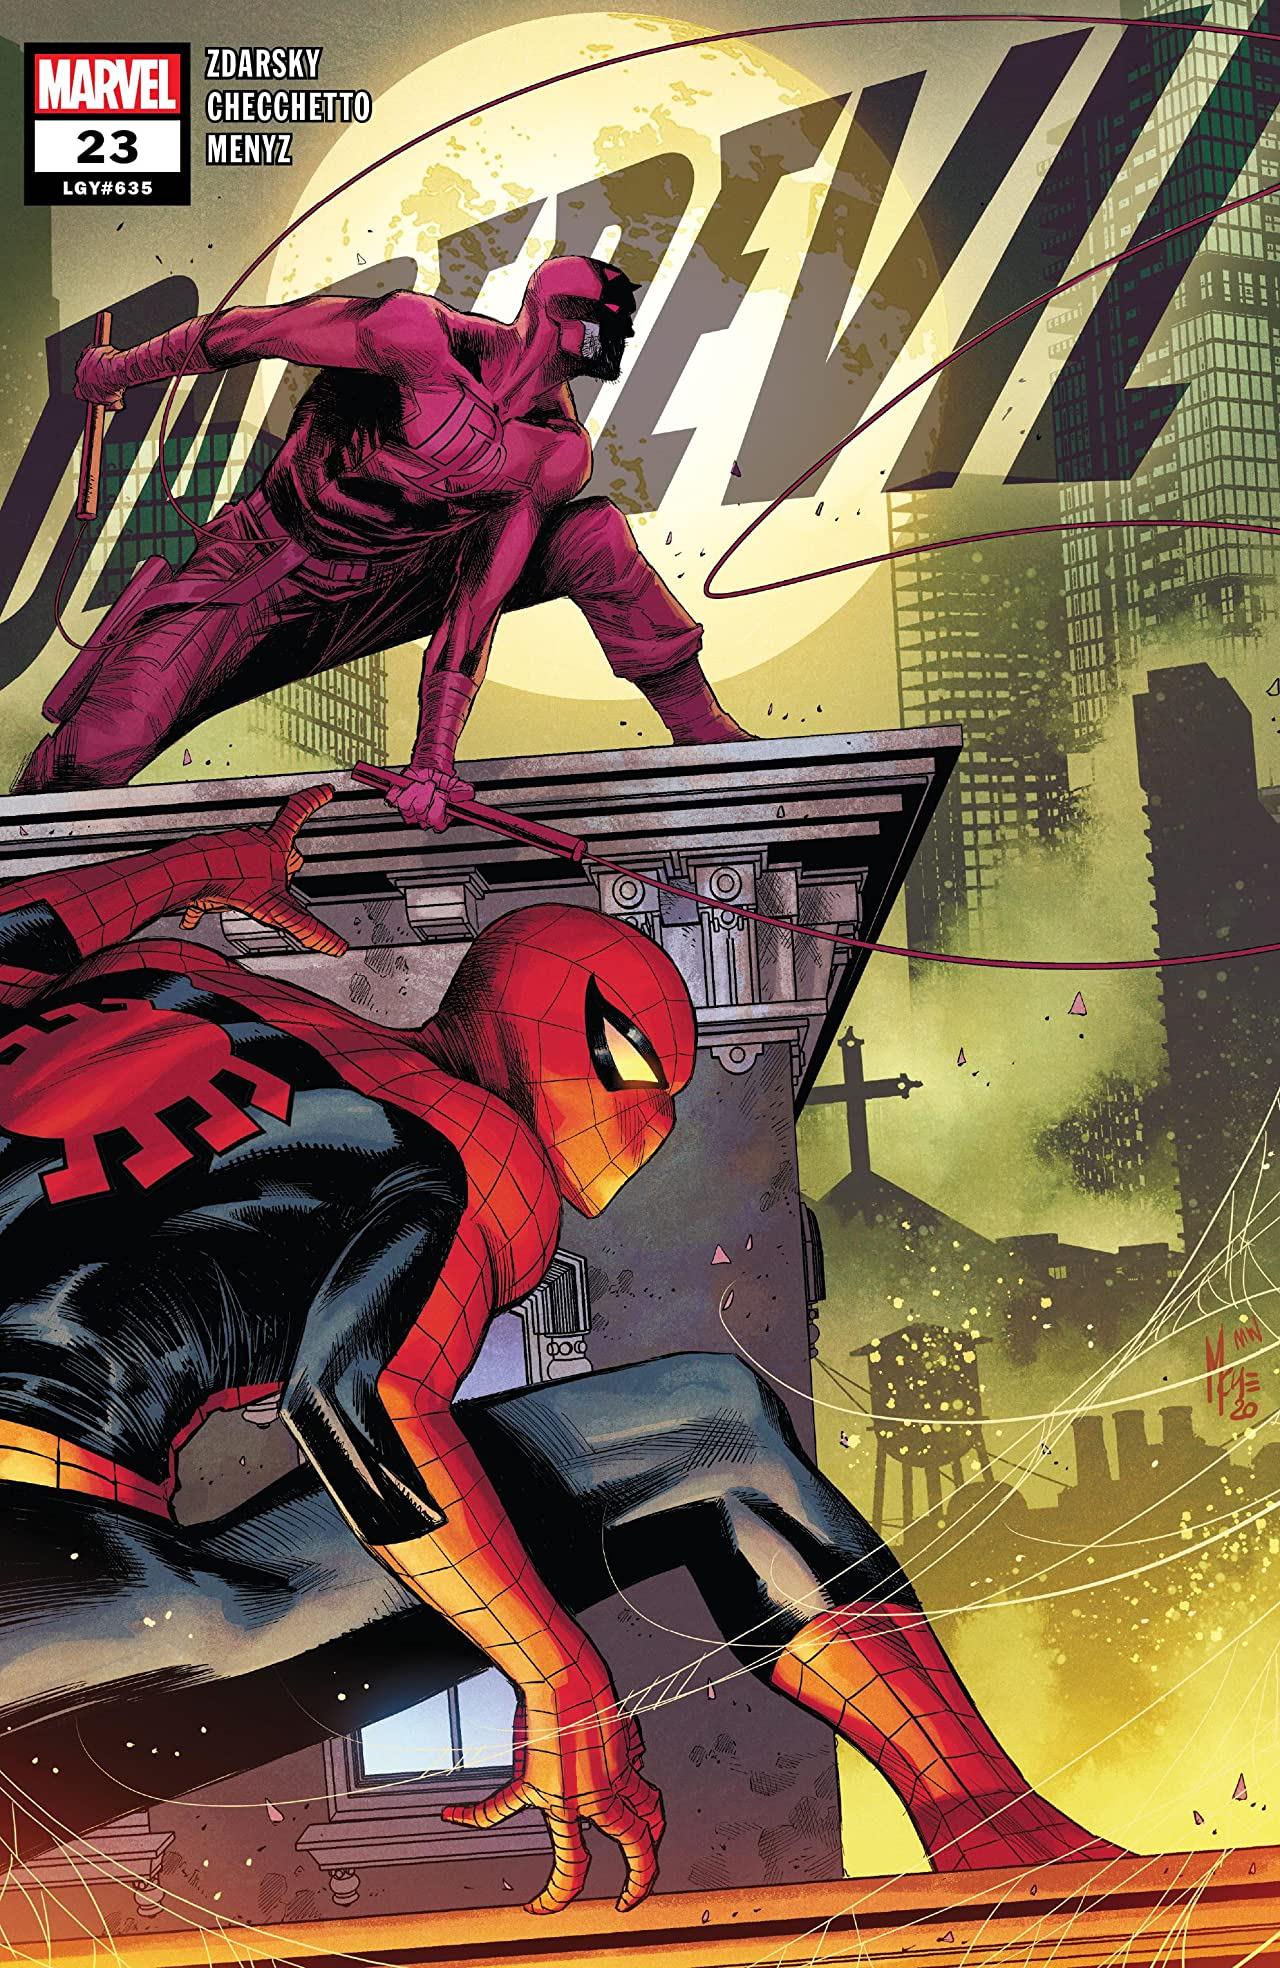 Daredevil #23 preview